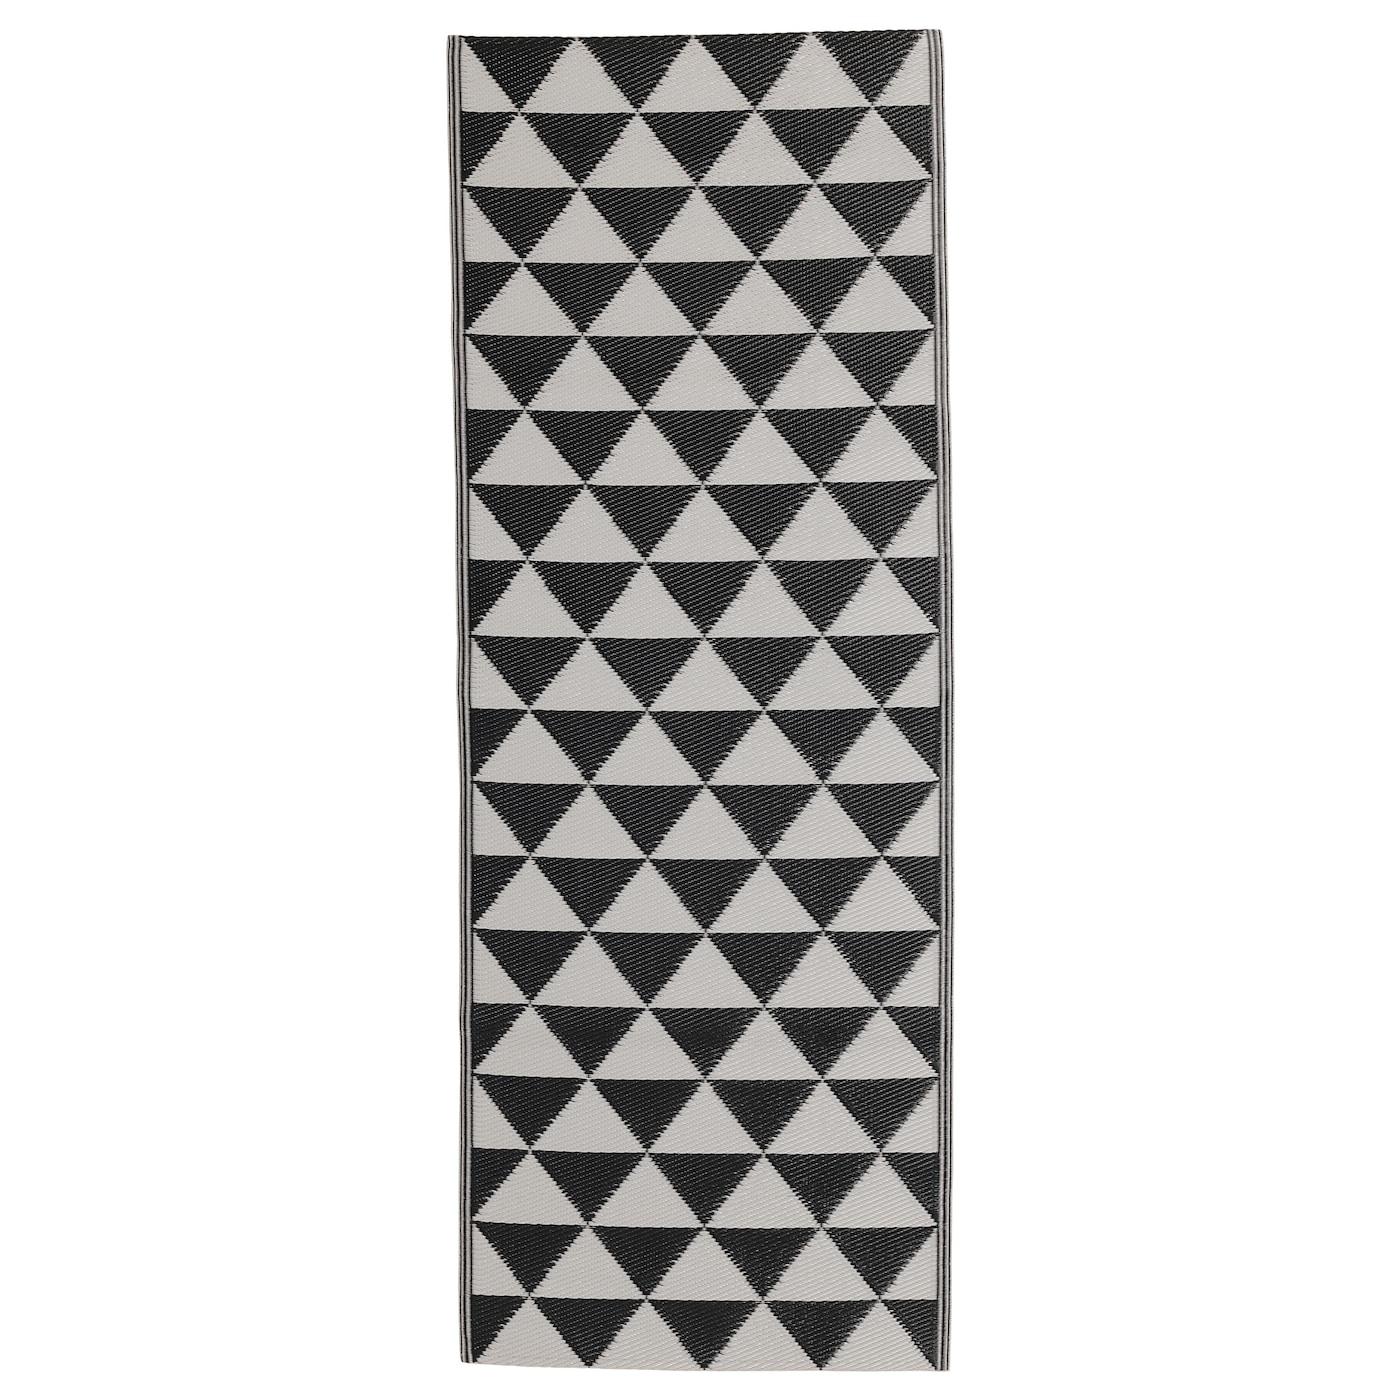 sommar 2018 tapis tiss plat int ext rieur noir gris 75x200 cm ikea. Black Bedroom Furniture Sets. Home Design Ideas